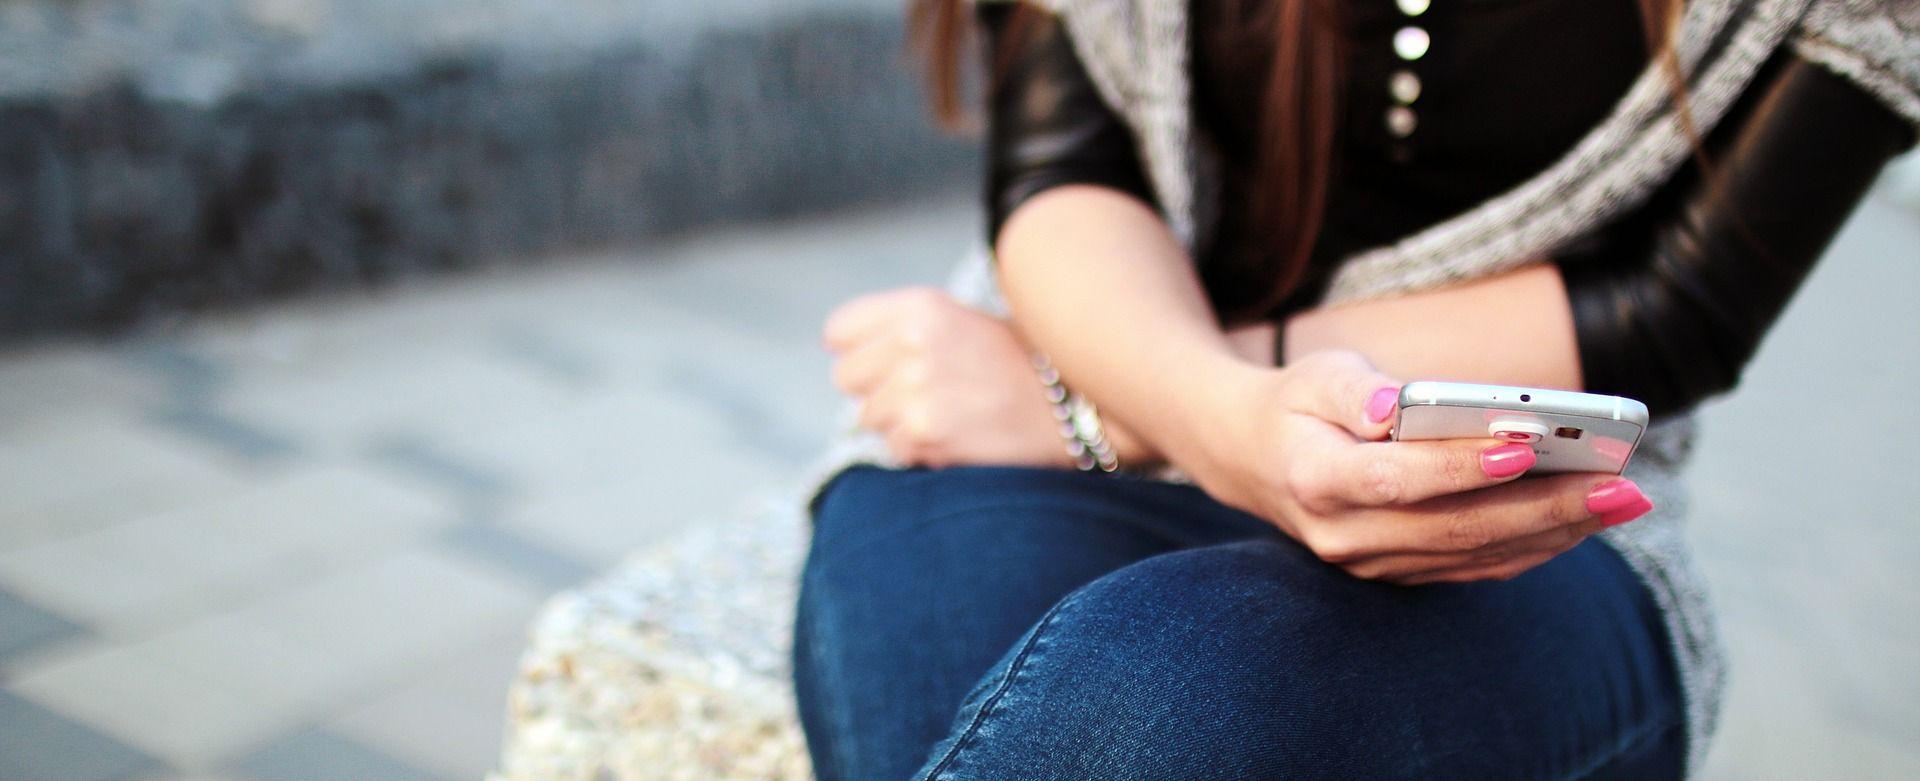 UPOZORENJE Korištenje društvenih mreža čini nas kognitivno i moralno plitkima